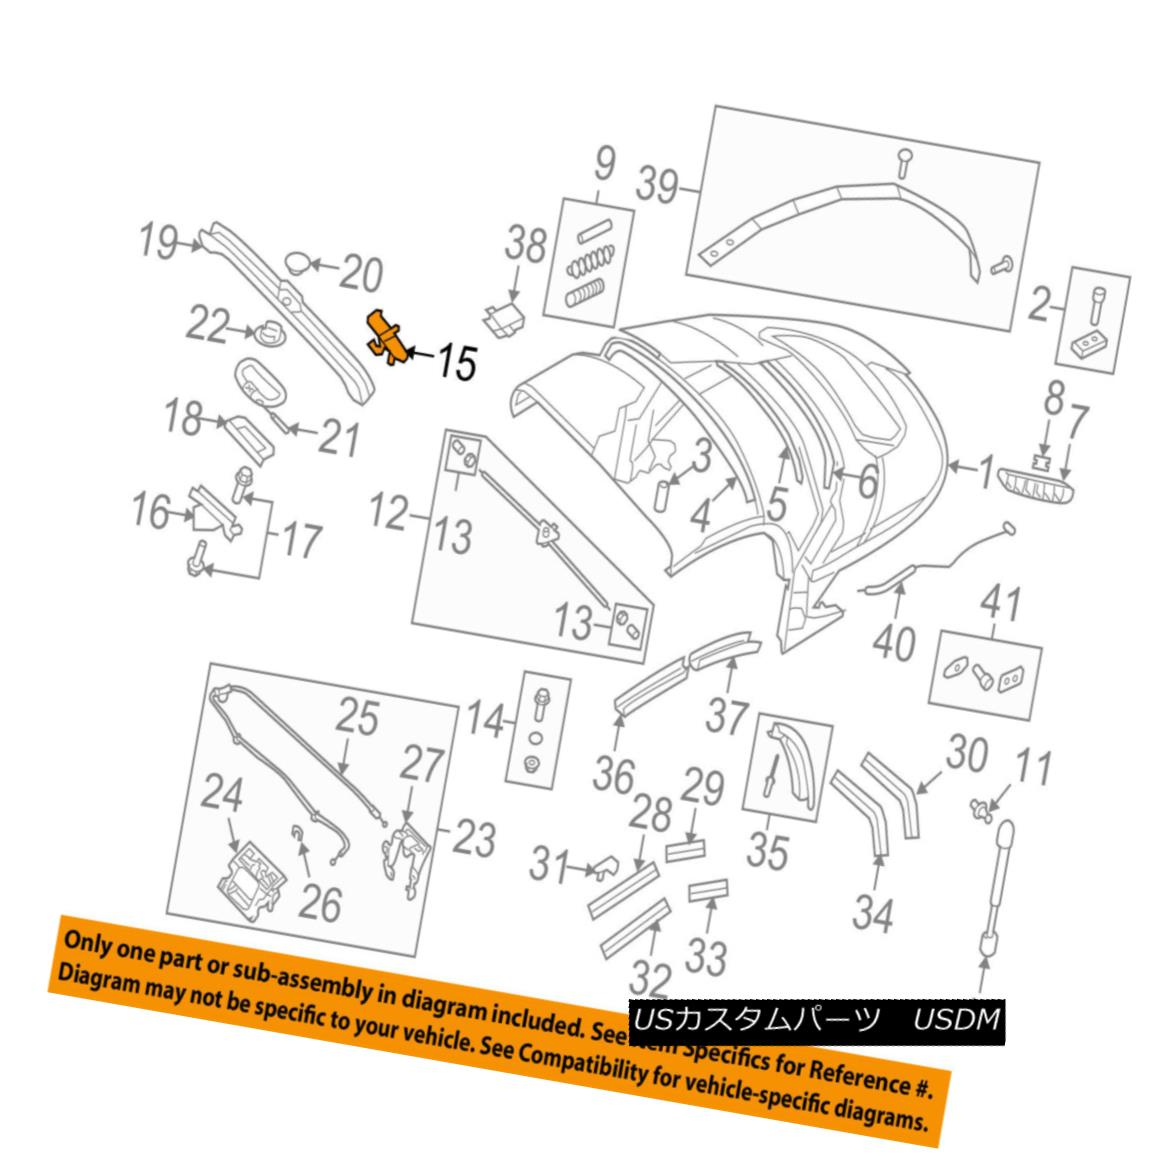 幌・ソフトトップ AUDI OEM 08-09 TT Quattro Convertible/soft Top-Catch Left 8J7871405 AUDI OEM 08-09 TT Quattro Convertible / so ftトップキャッチ左8J7871405